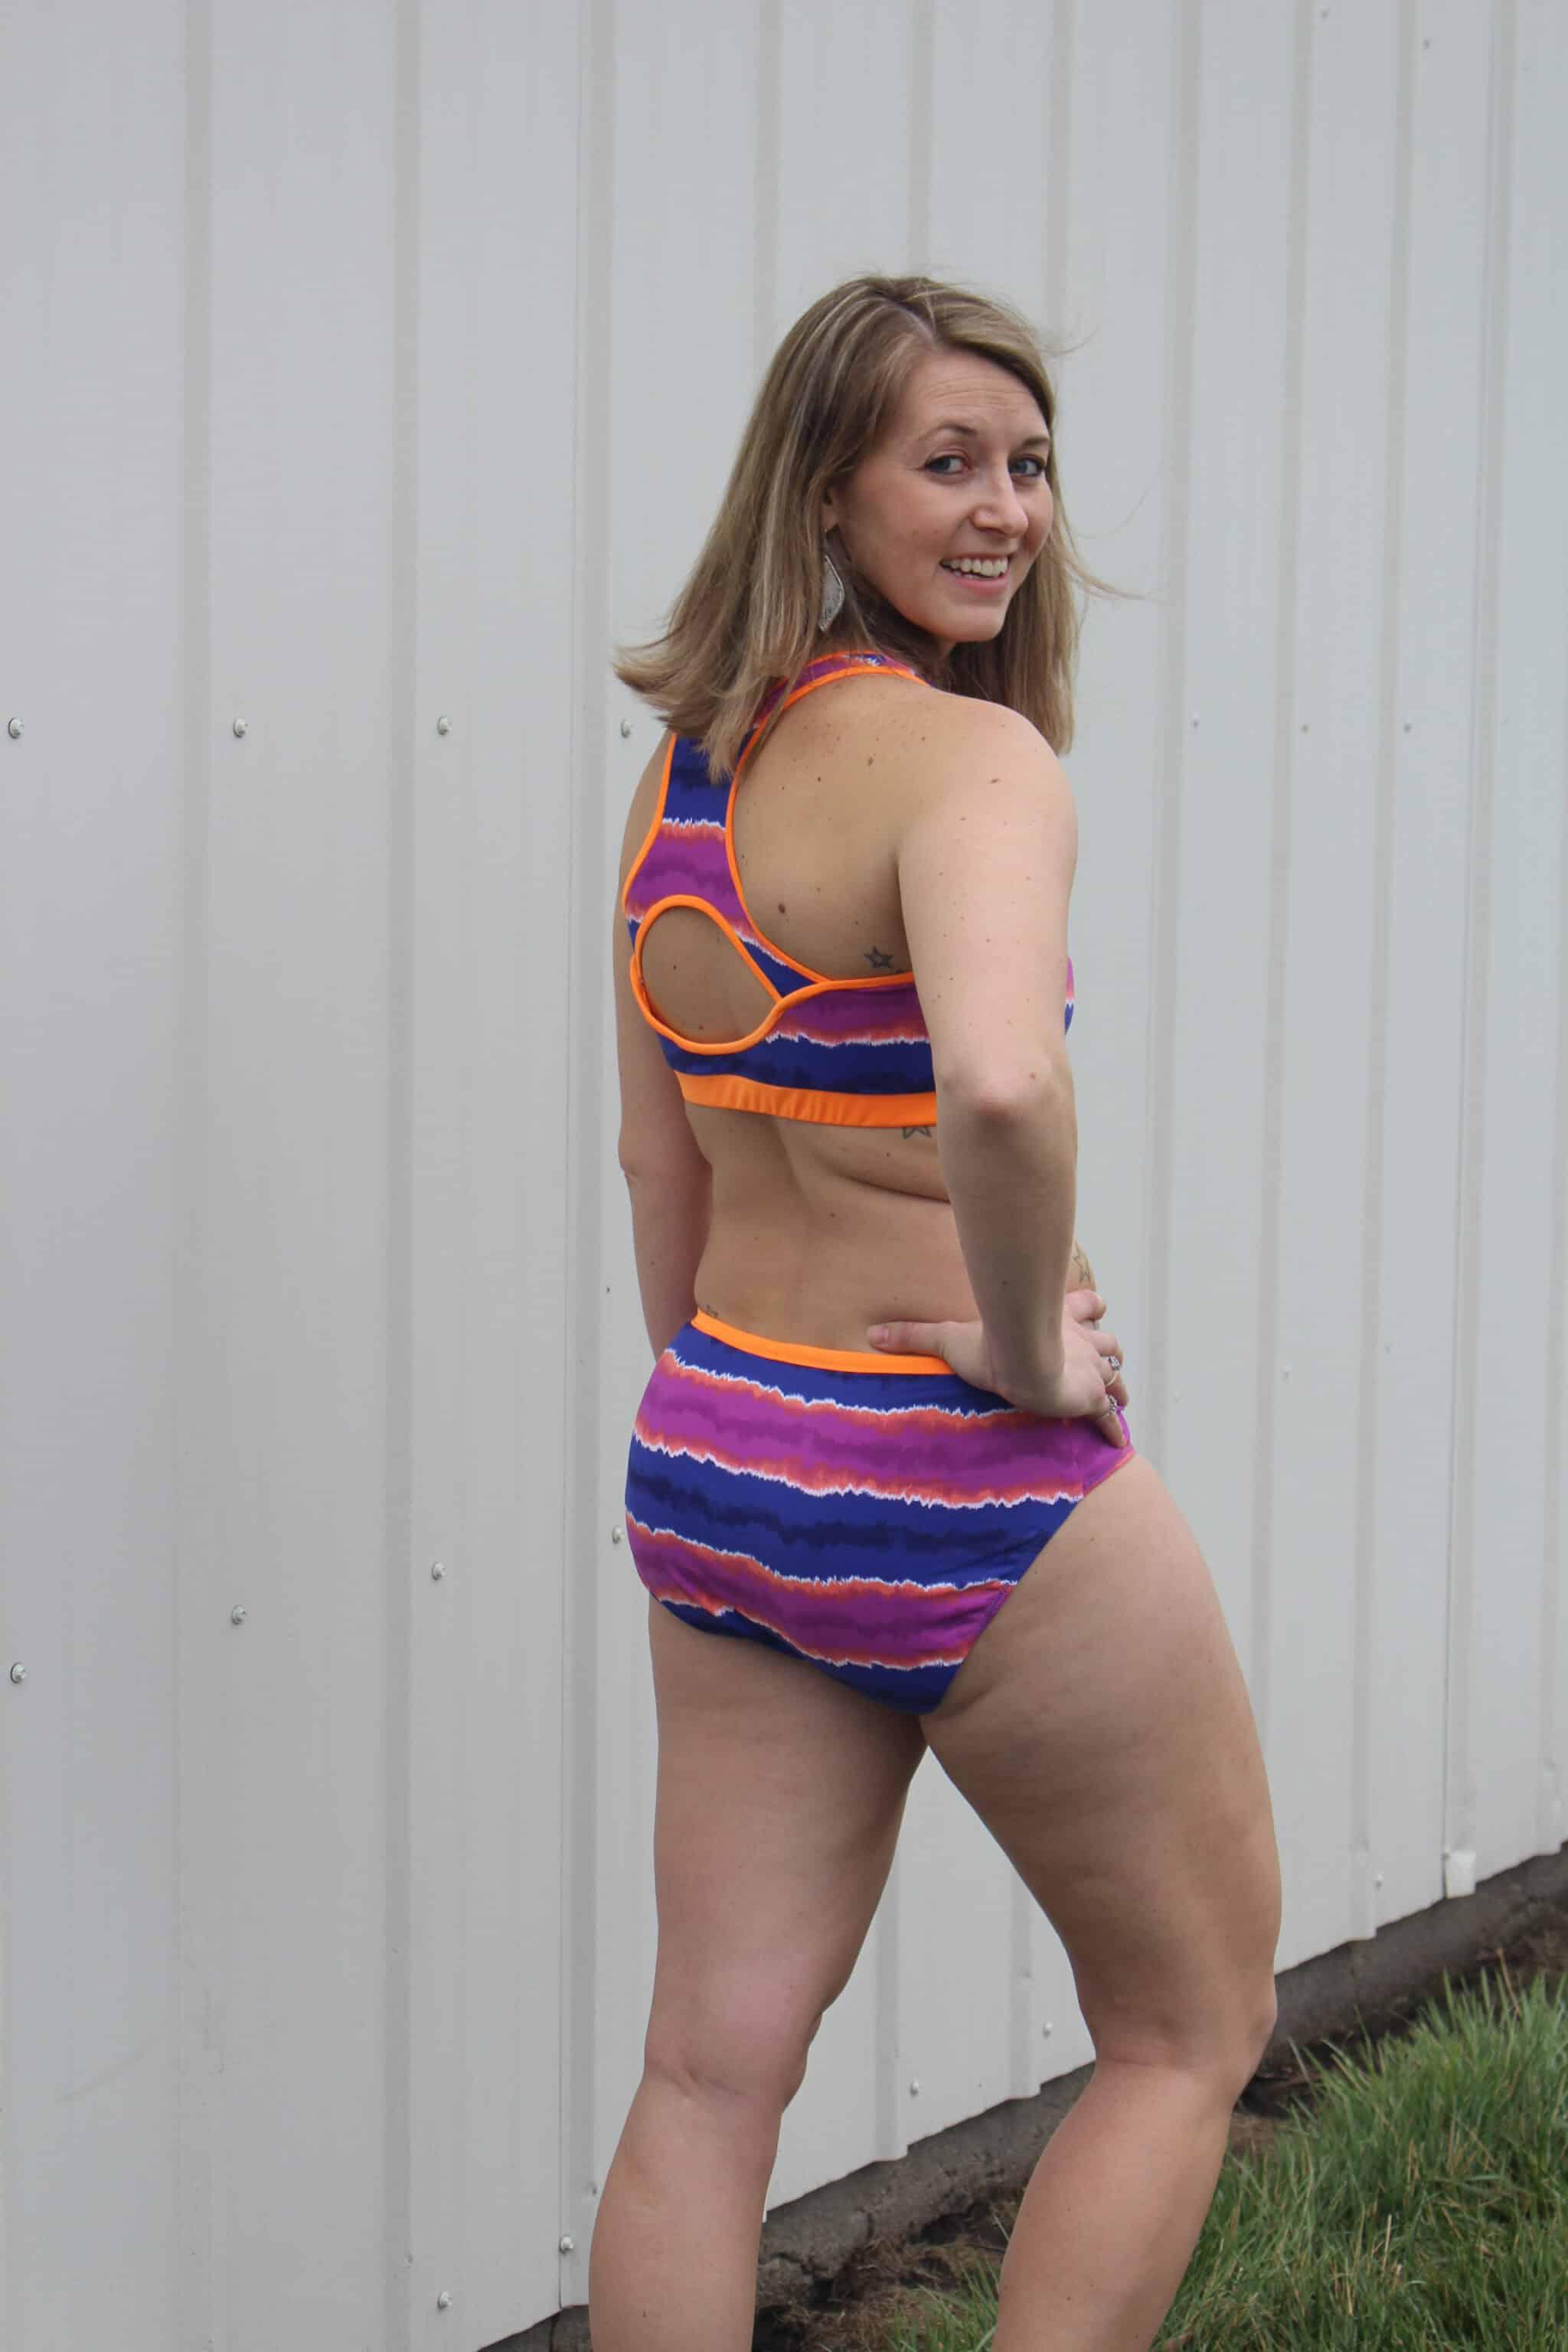 cc23924232 Ultimate Bikini Bottoms - 5 out of 4 Patterns